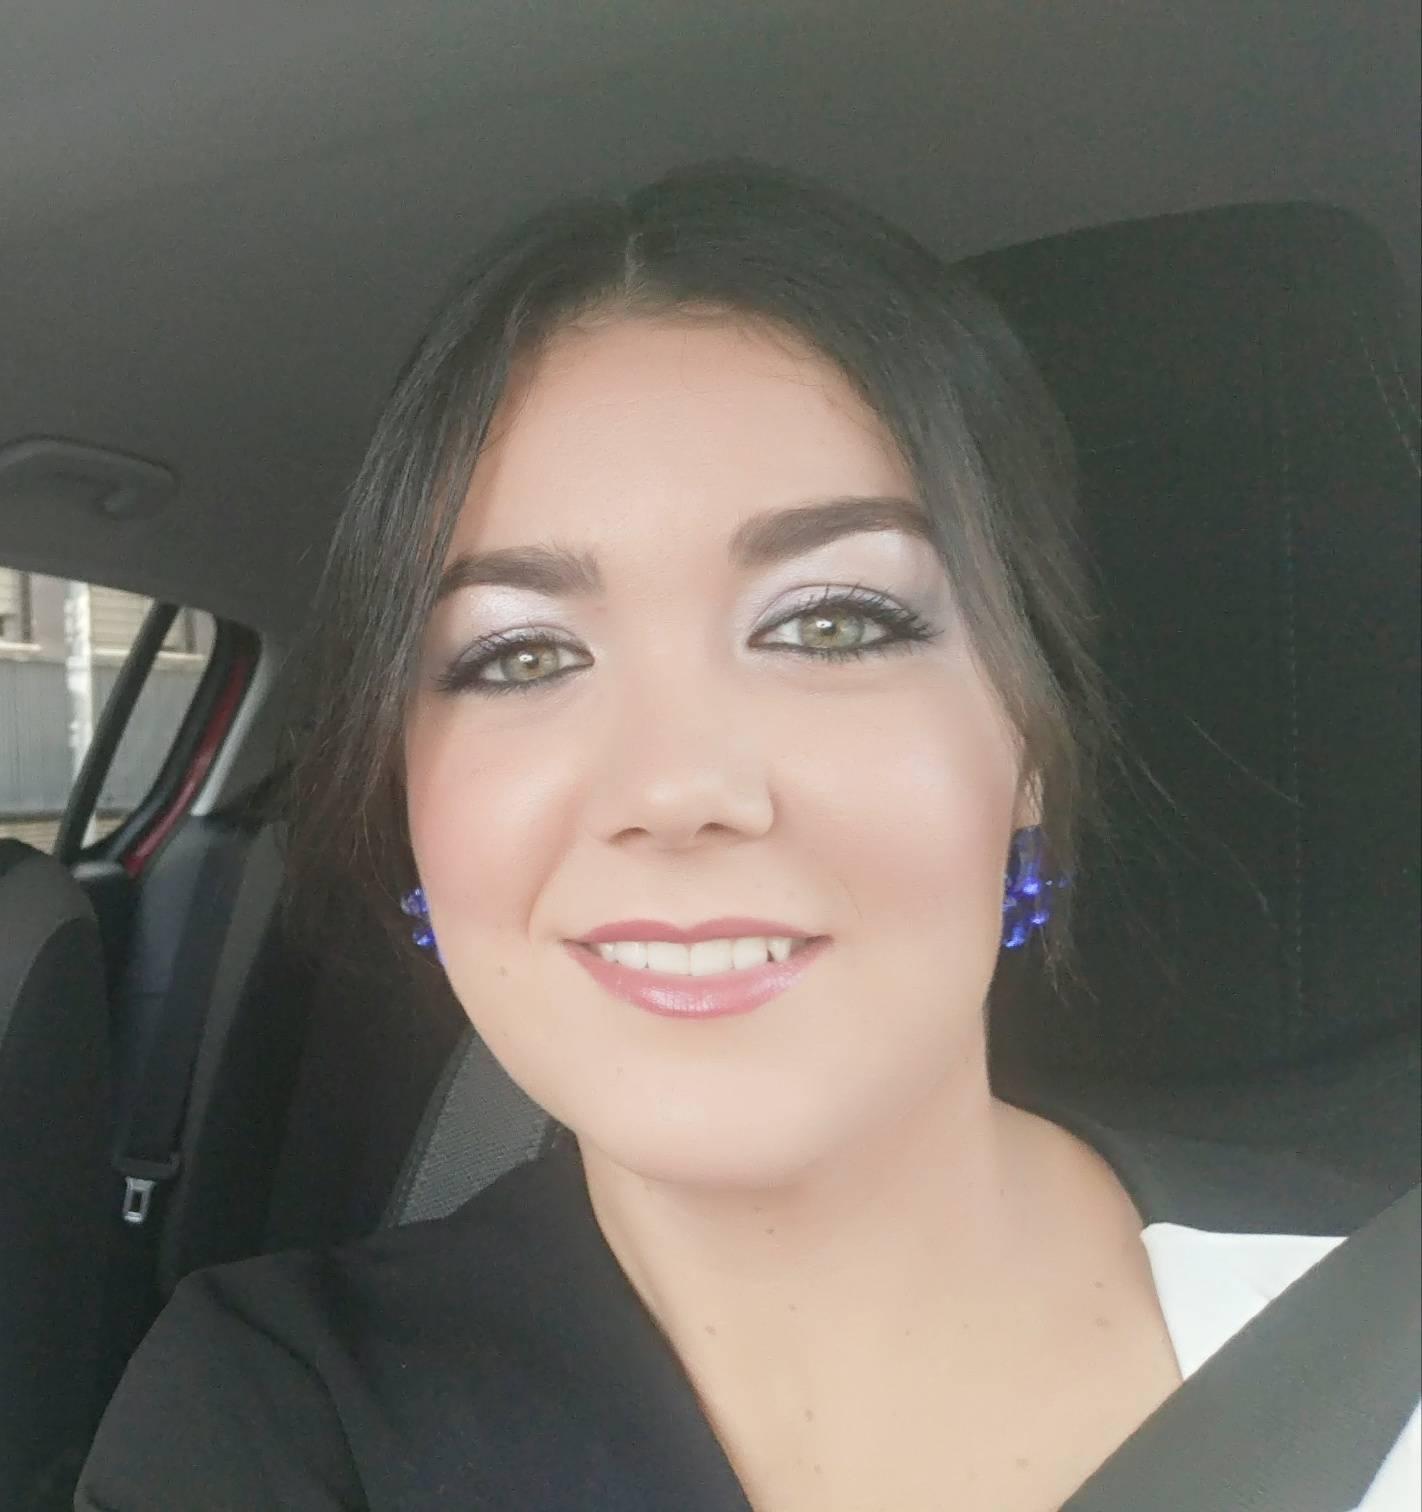 Madre y opositora: Ana María